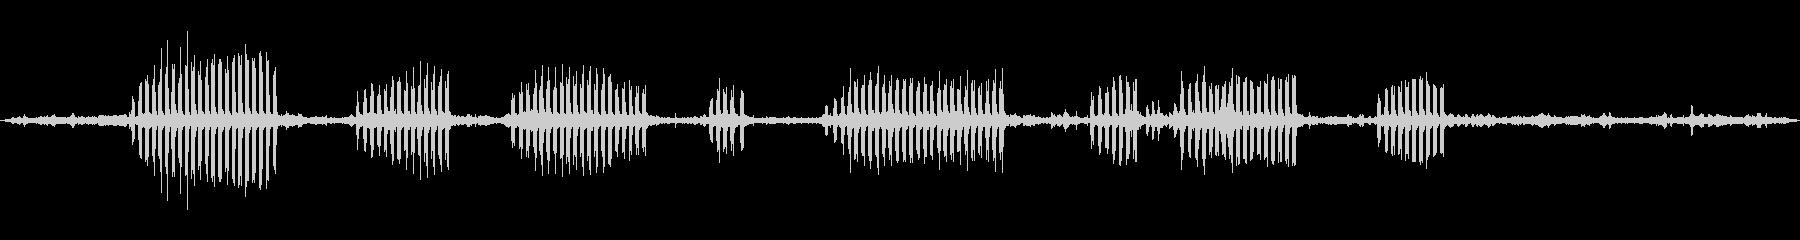 環境音 リバードーンバードクローズ01の未再生の波形